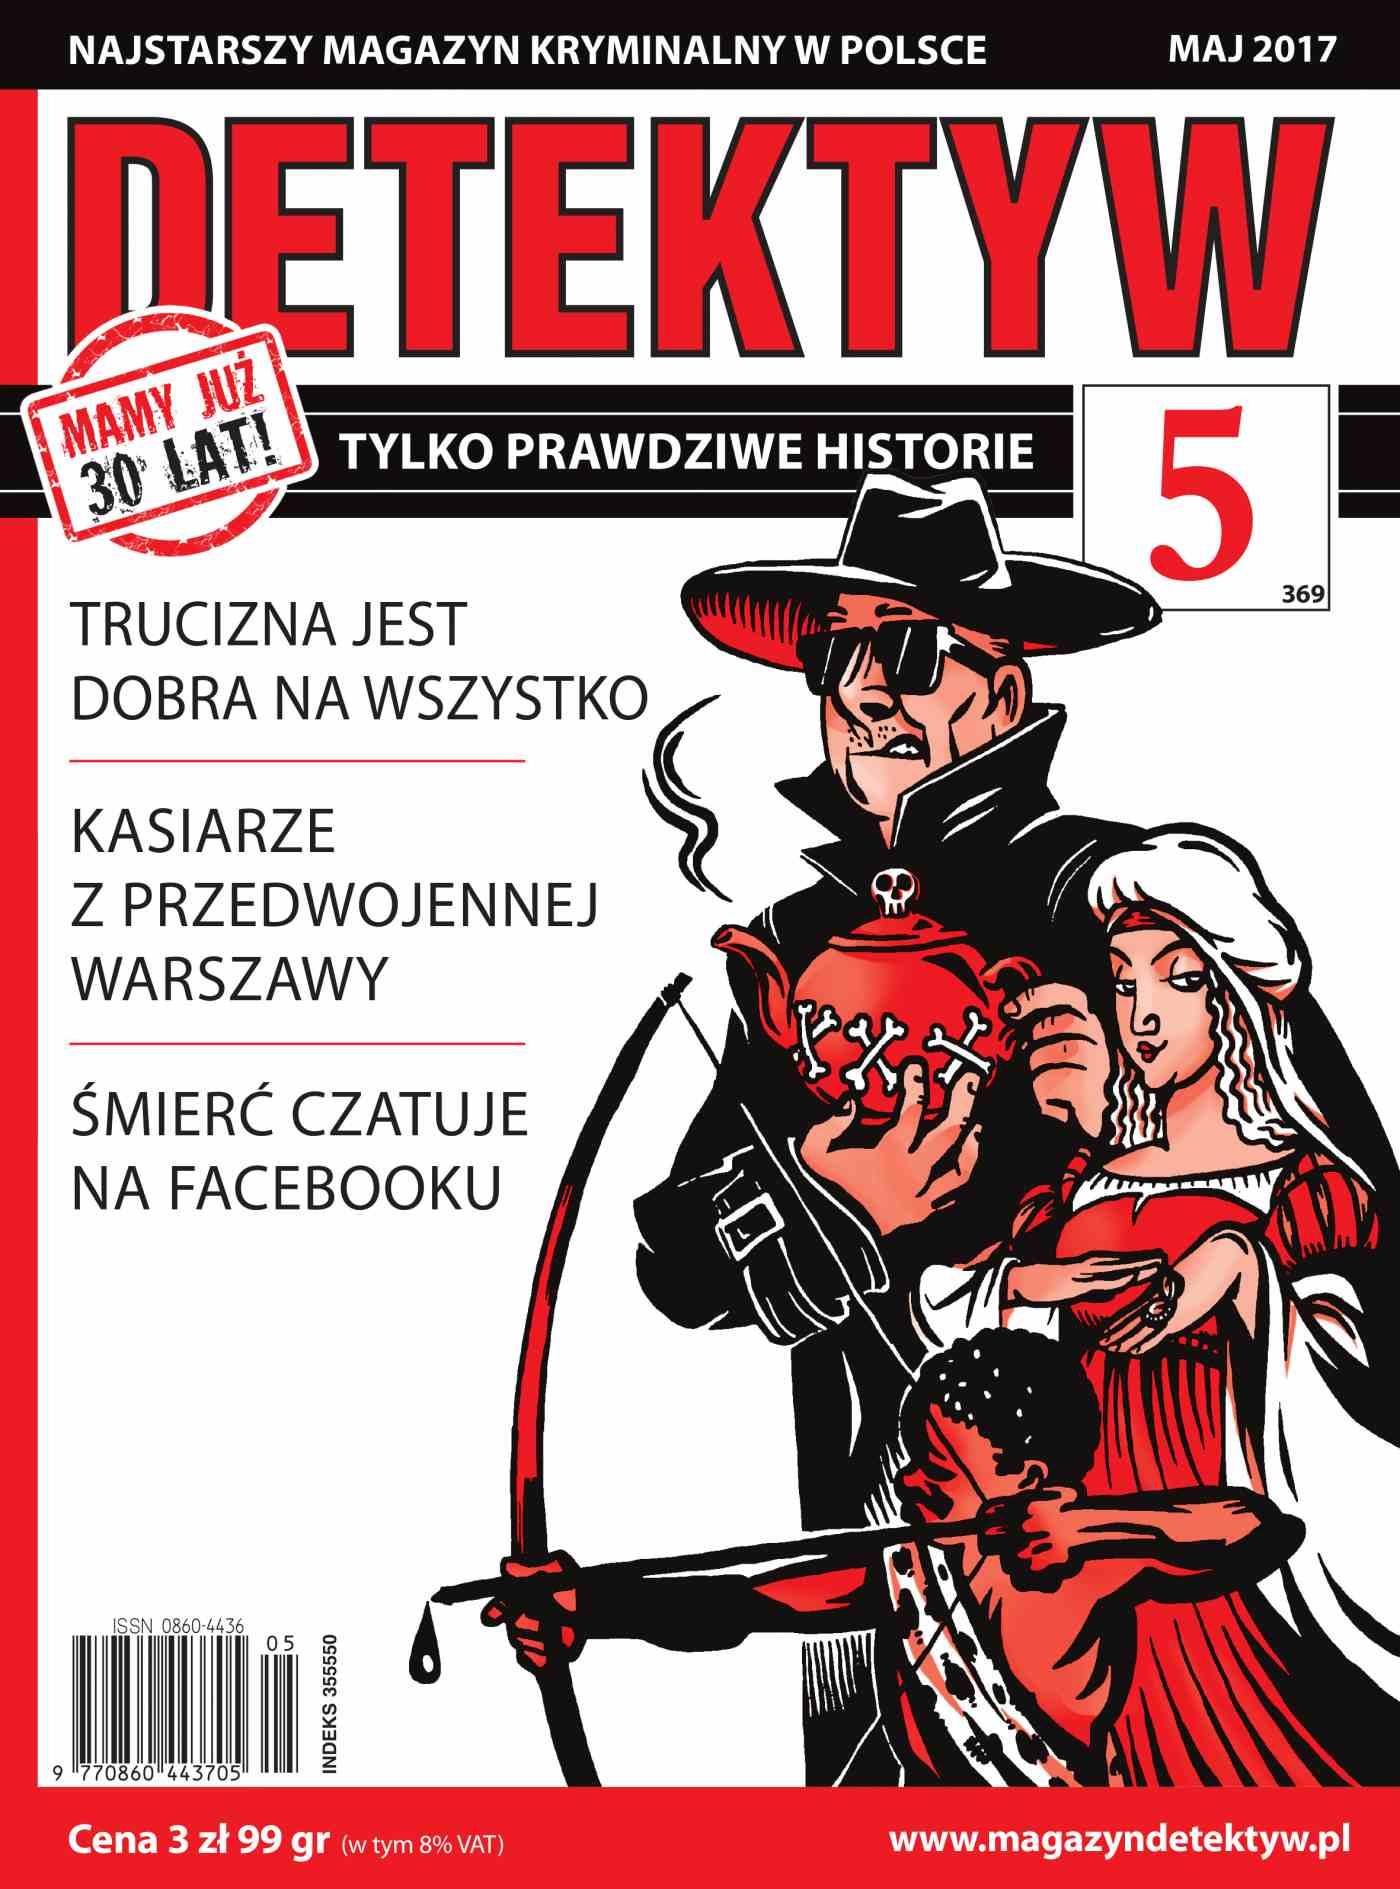 Detektyw 5/2017 - Ebook (Książka EPUB) do pobrania w formacie EPUB